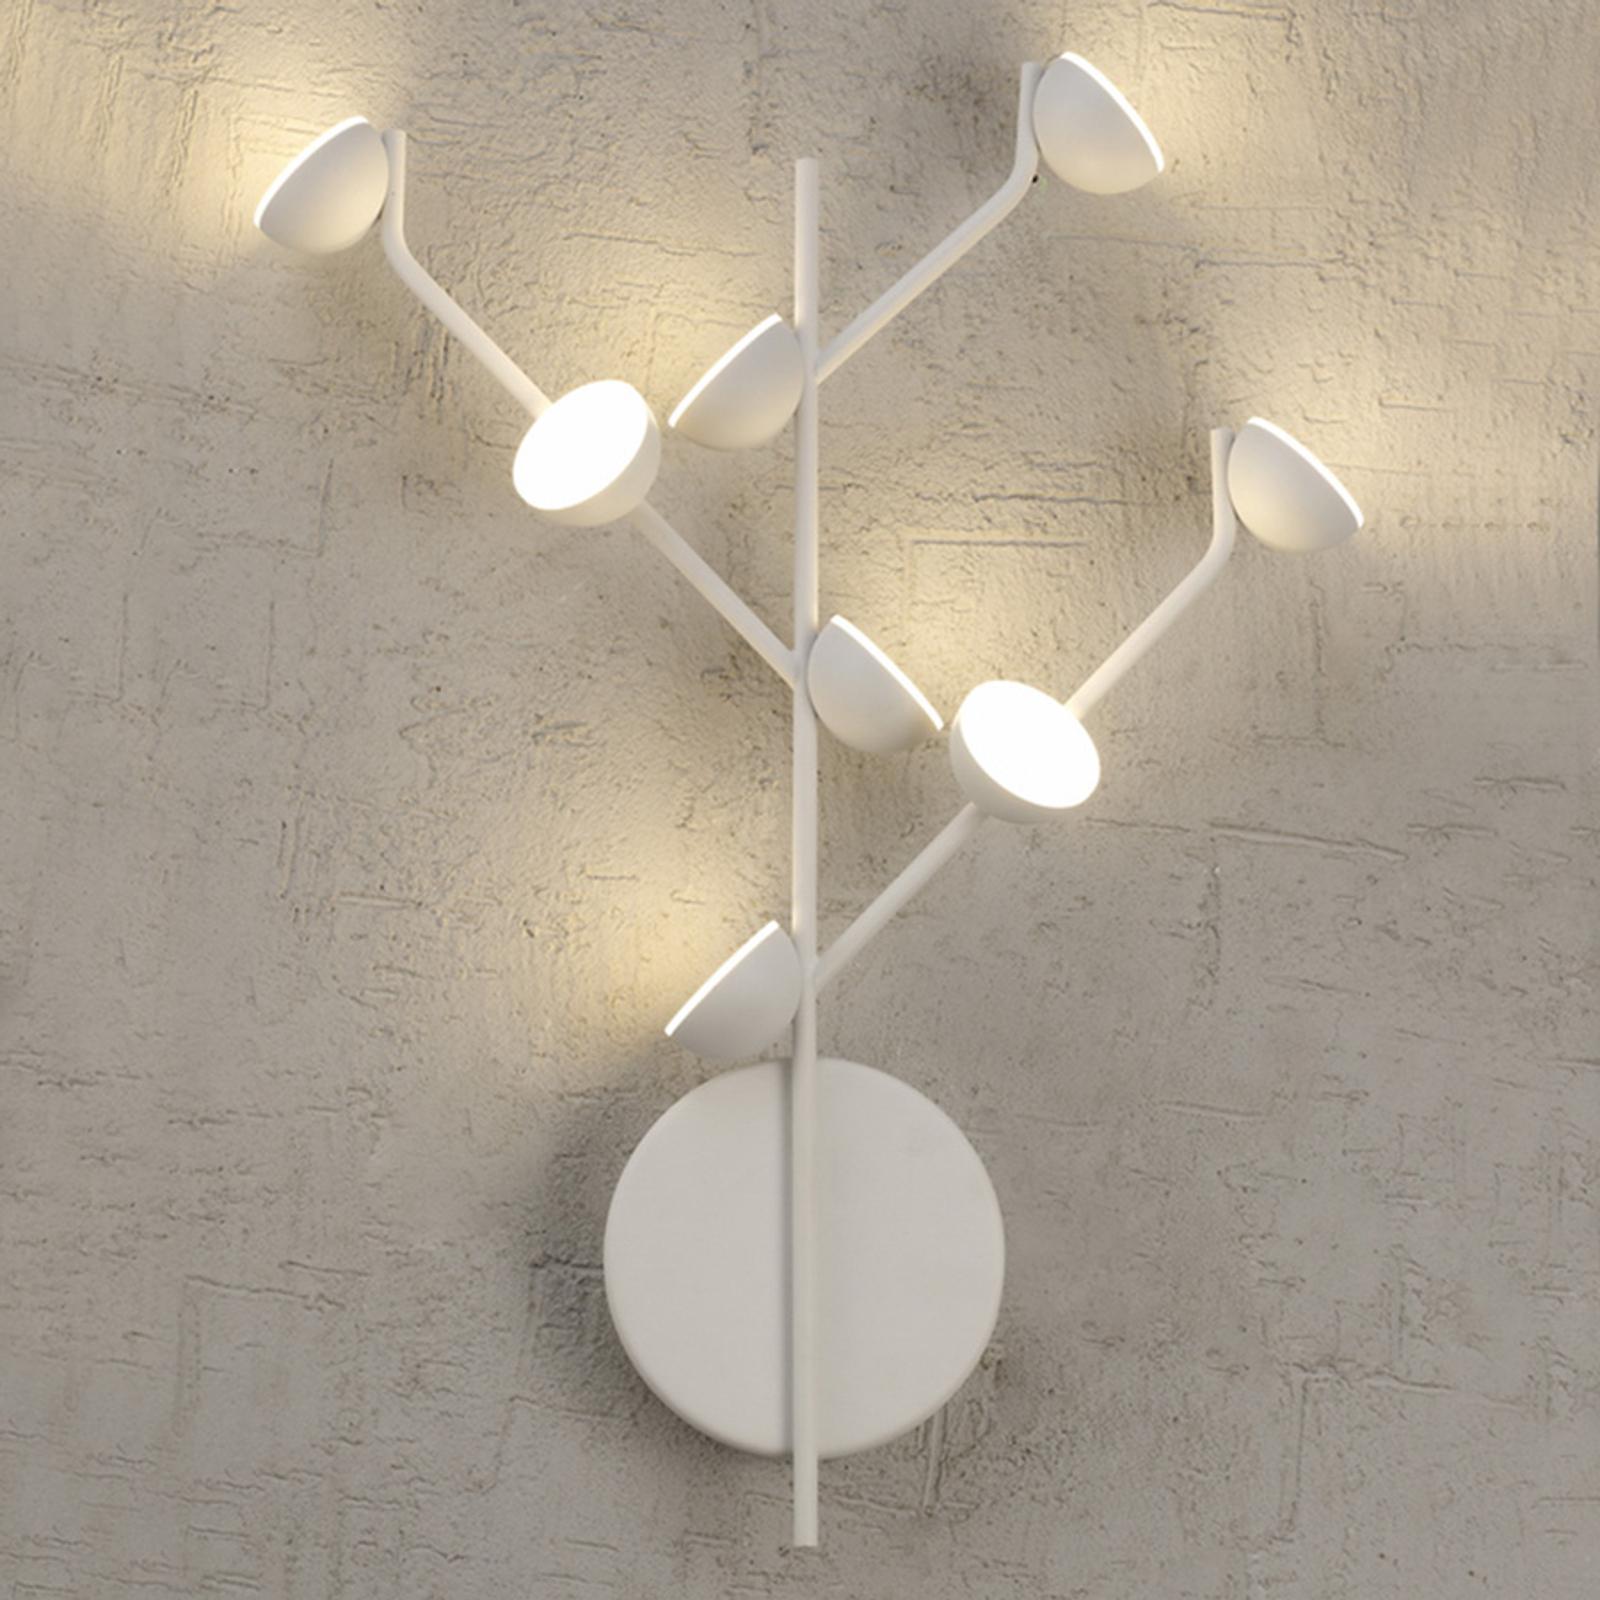 LED-Wandleuchte Adn 8fl kaufen